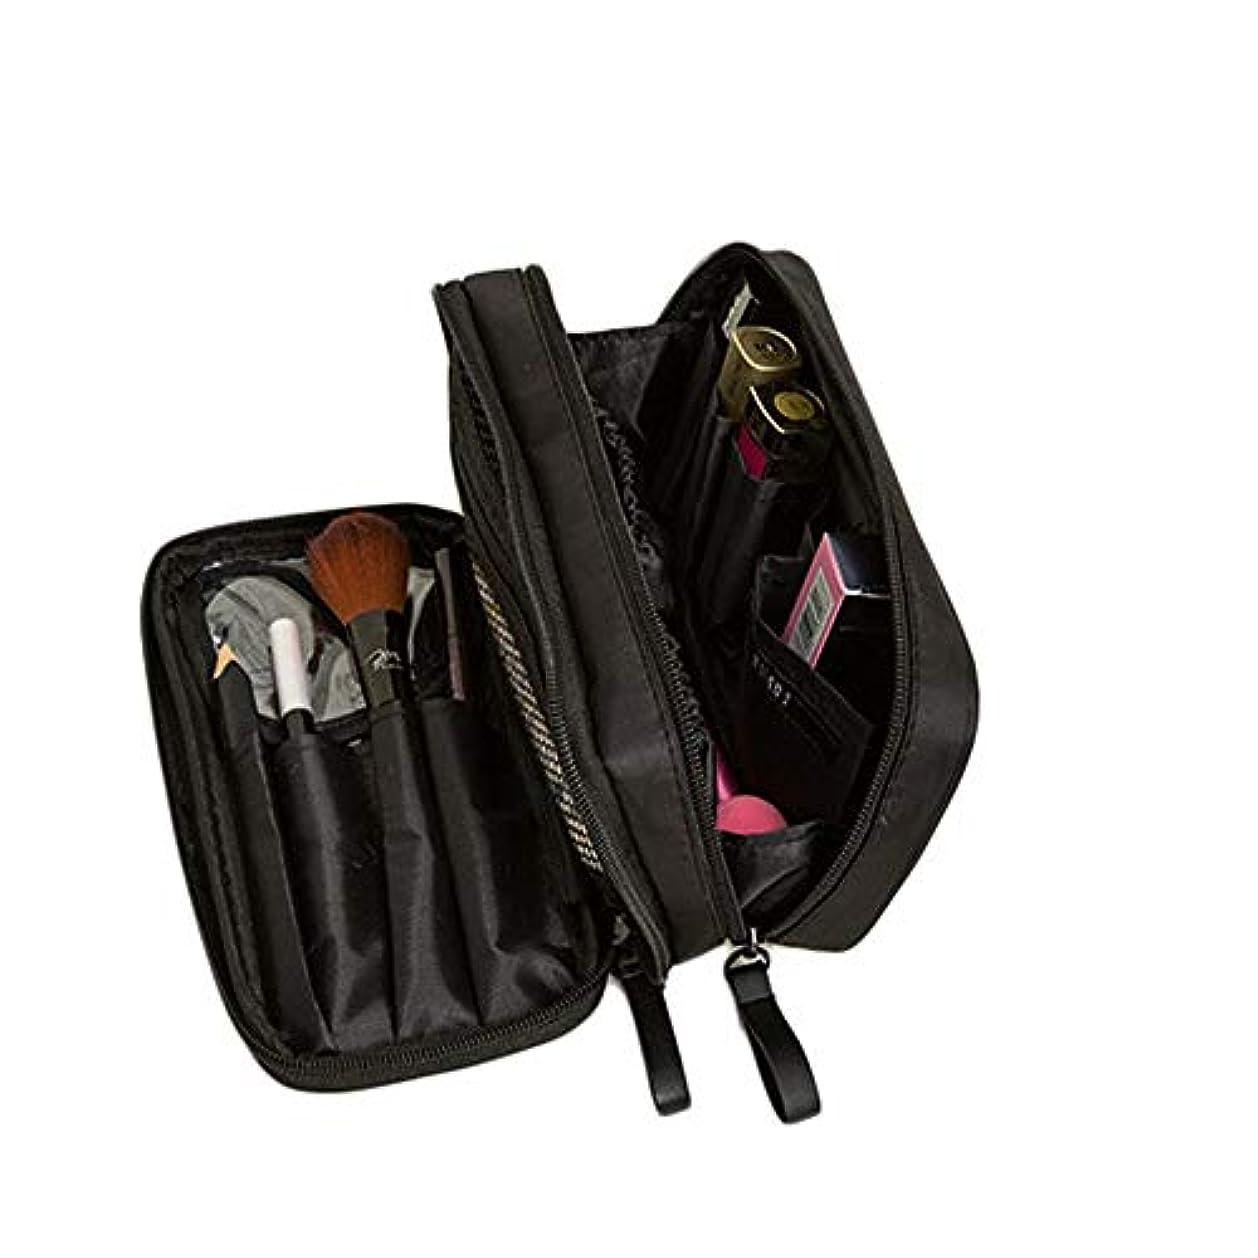 バラ色名目上の人特大スペース収納ビューティーボックス 携帯用化粧品袋、専門の化粧品袋の札入れの旅行者の密集した二重層化粧品/化粧品のブラシ袋の女性、旅行/電車セットの貯蔵袋。 化粧品化粧台 (色 : ブラック)